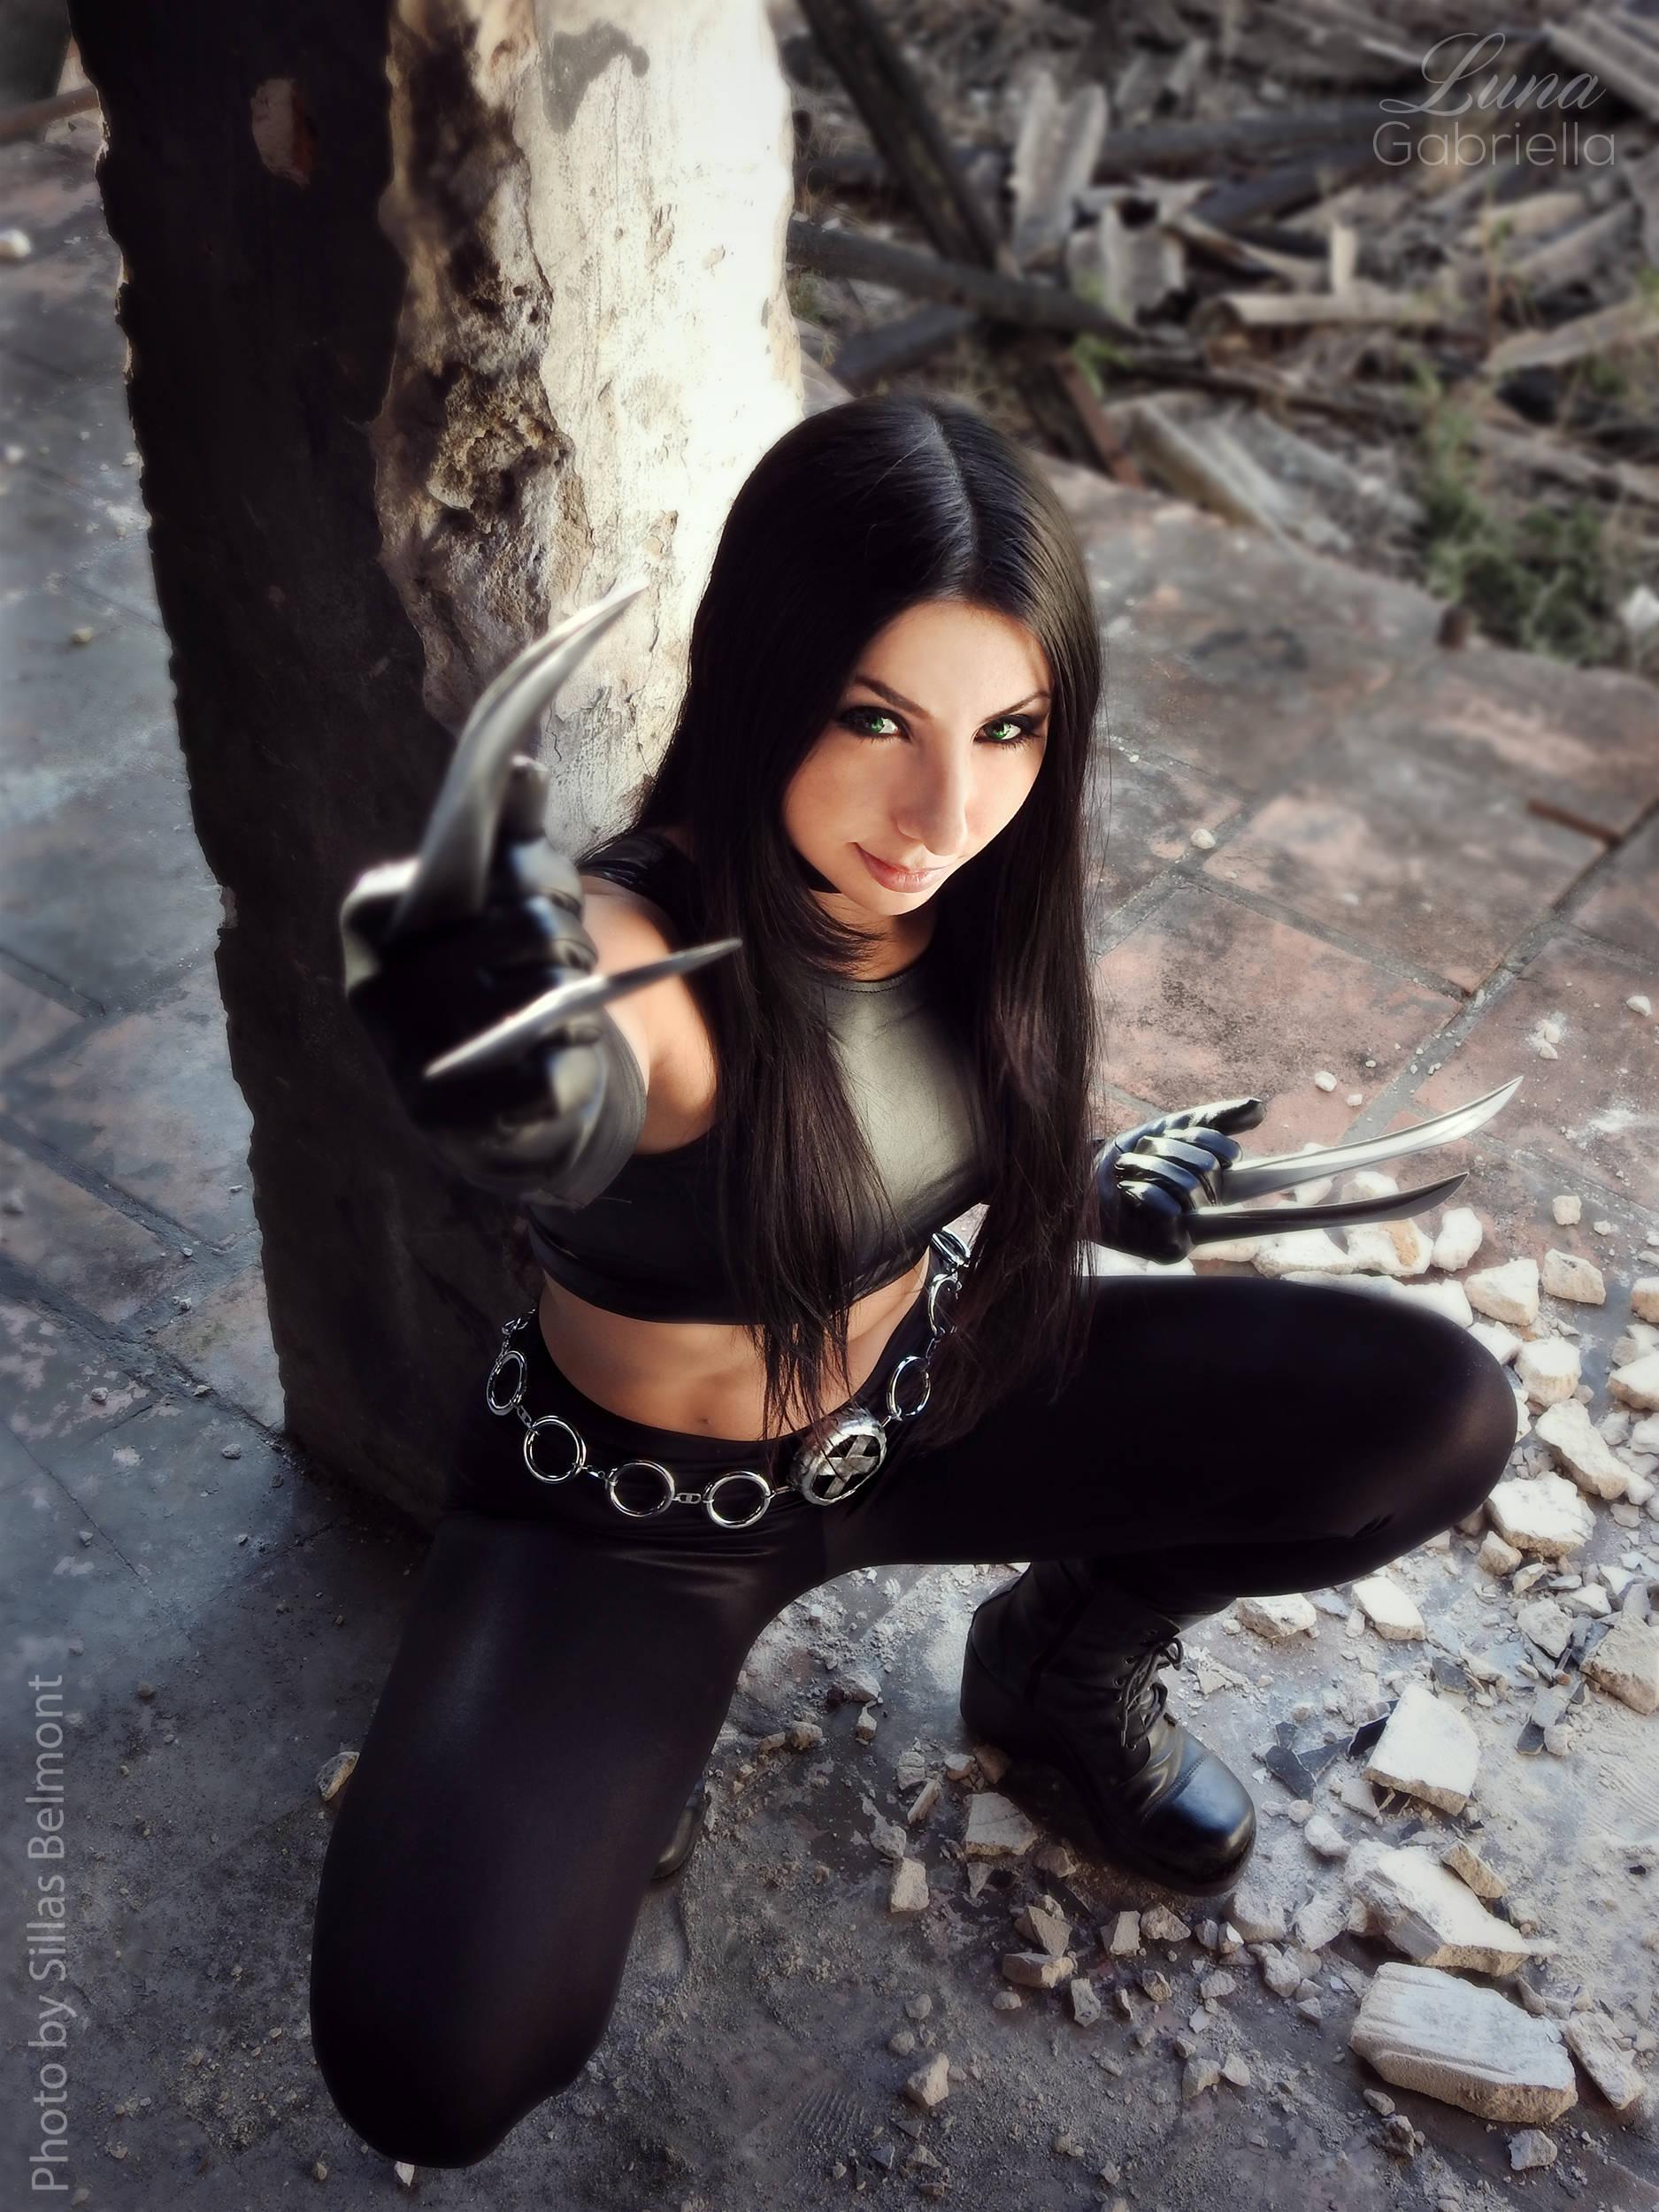 Luna-Gabriella-02